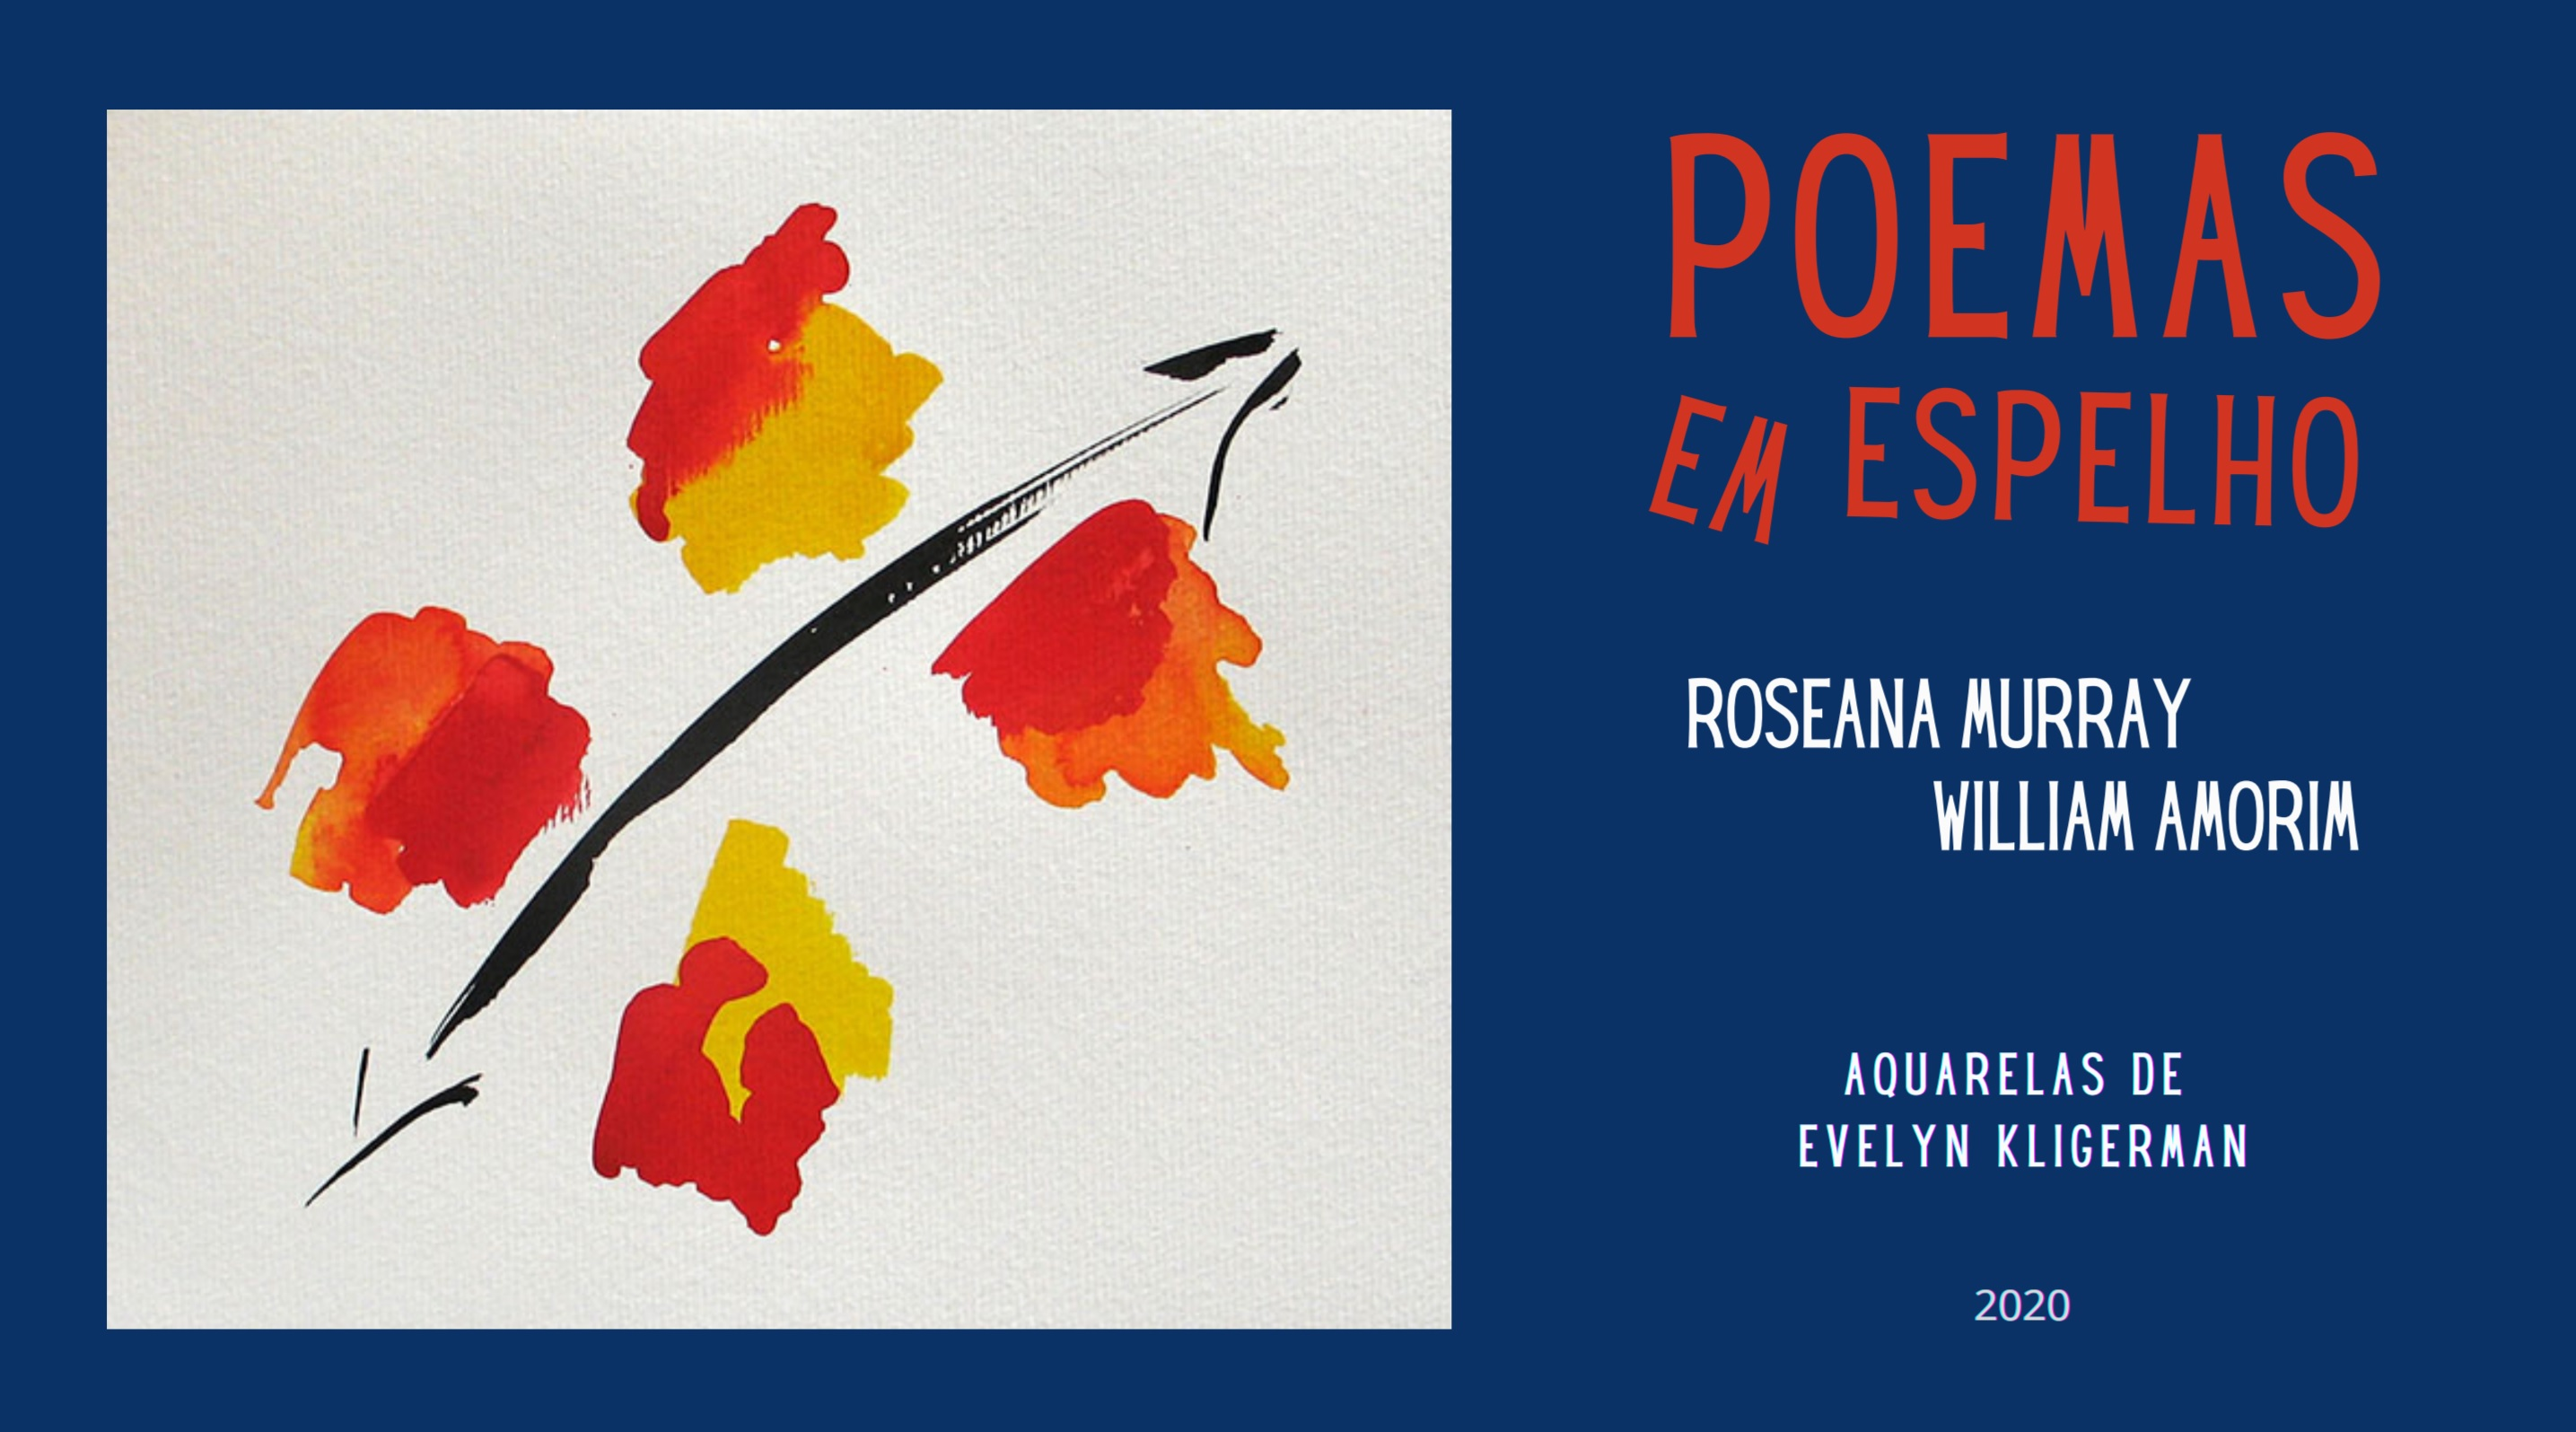 poemas-em-espelho-roseana-murray